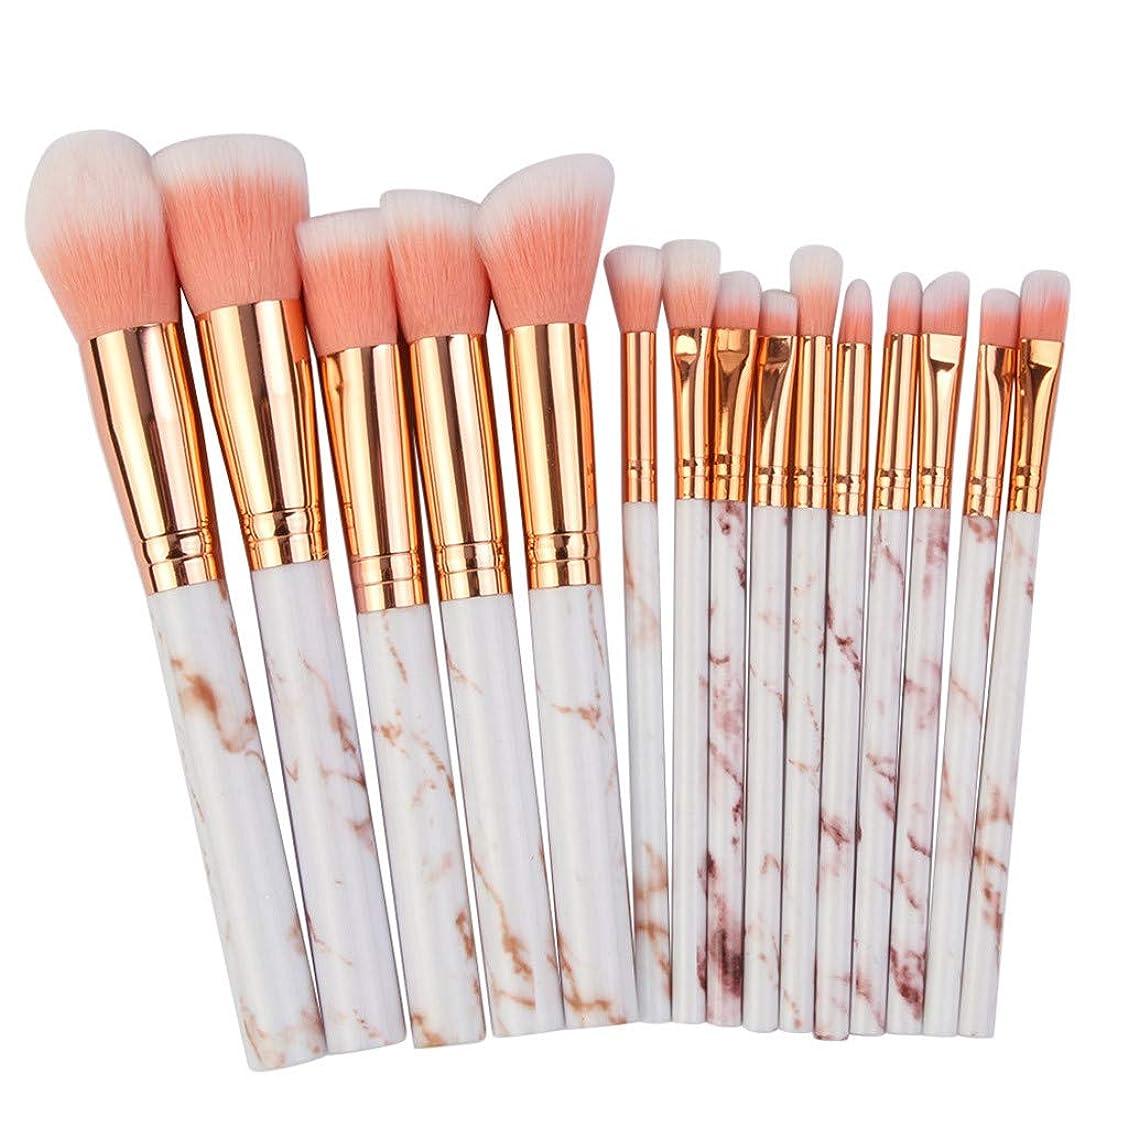 メイクブラシ 化粧ブラシ 15本 多機能 コンシーラー アイシャドウブラシセット シャオメイスター